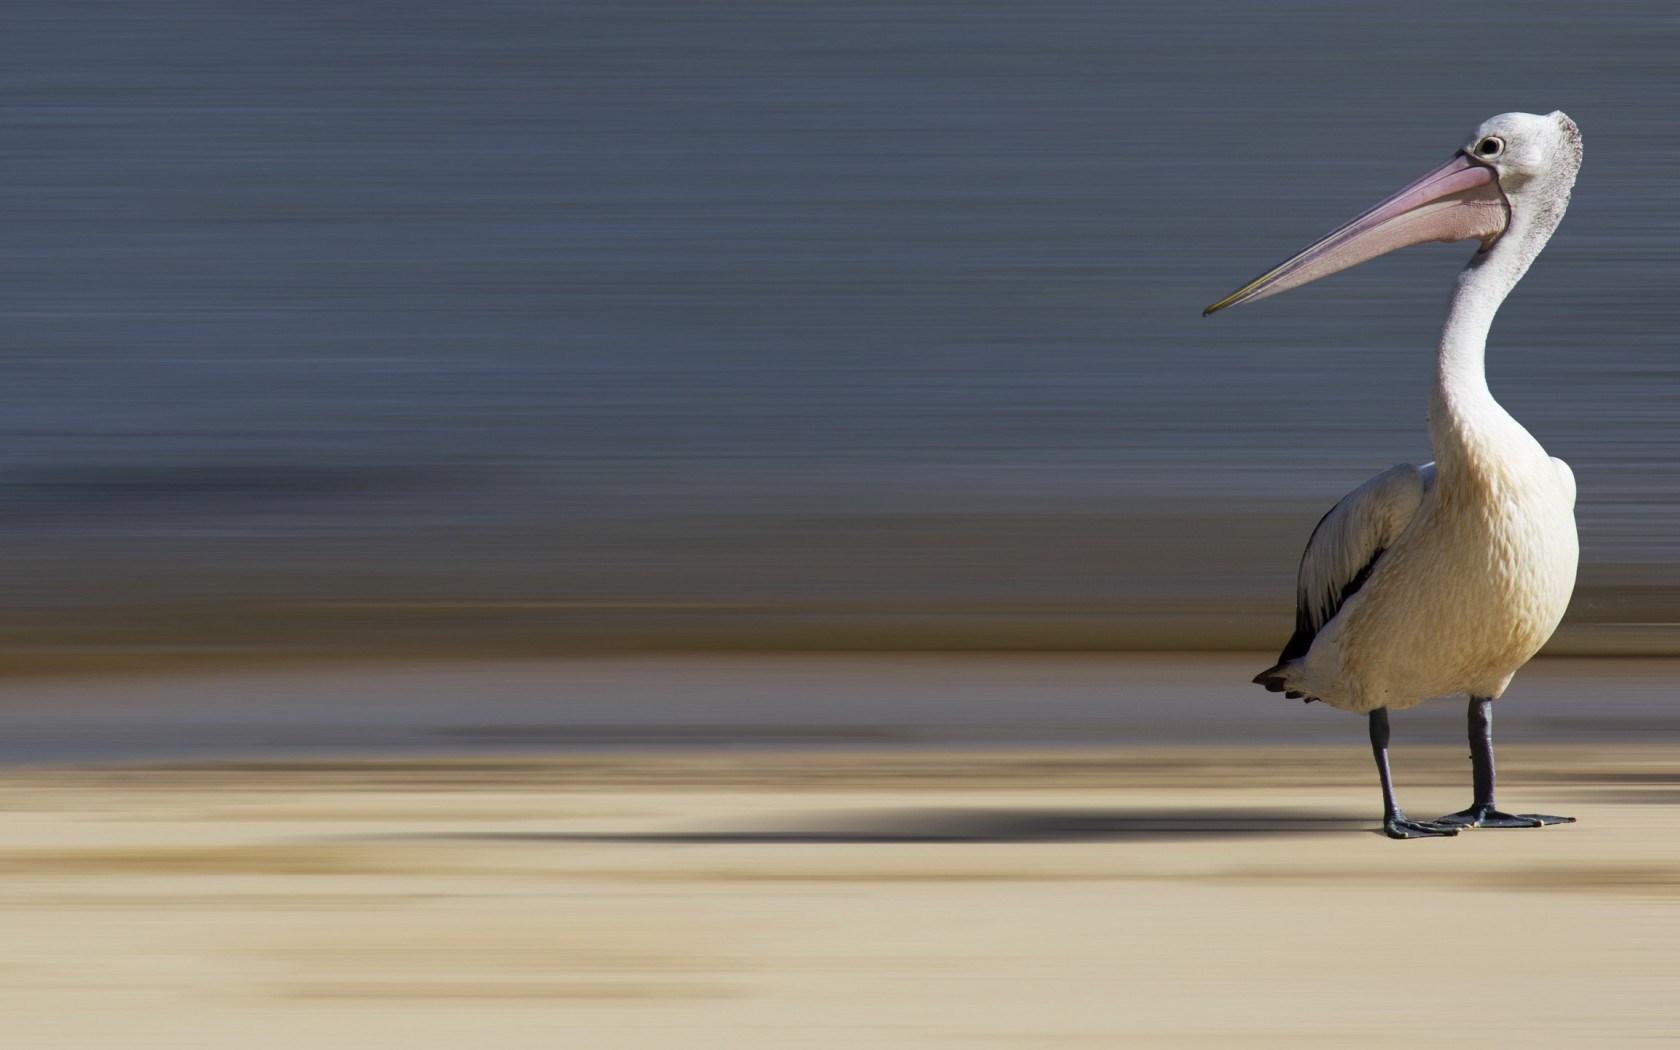 pelican wallpapers hd